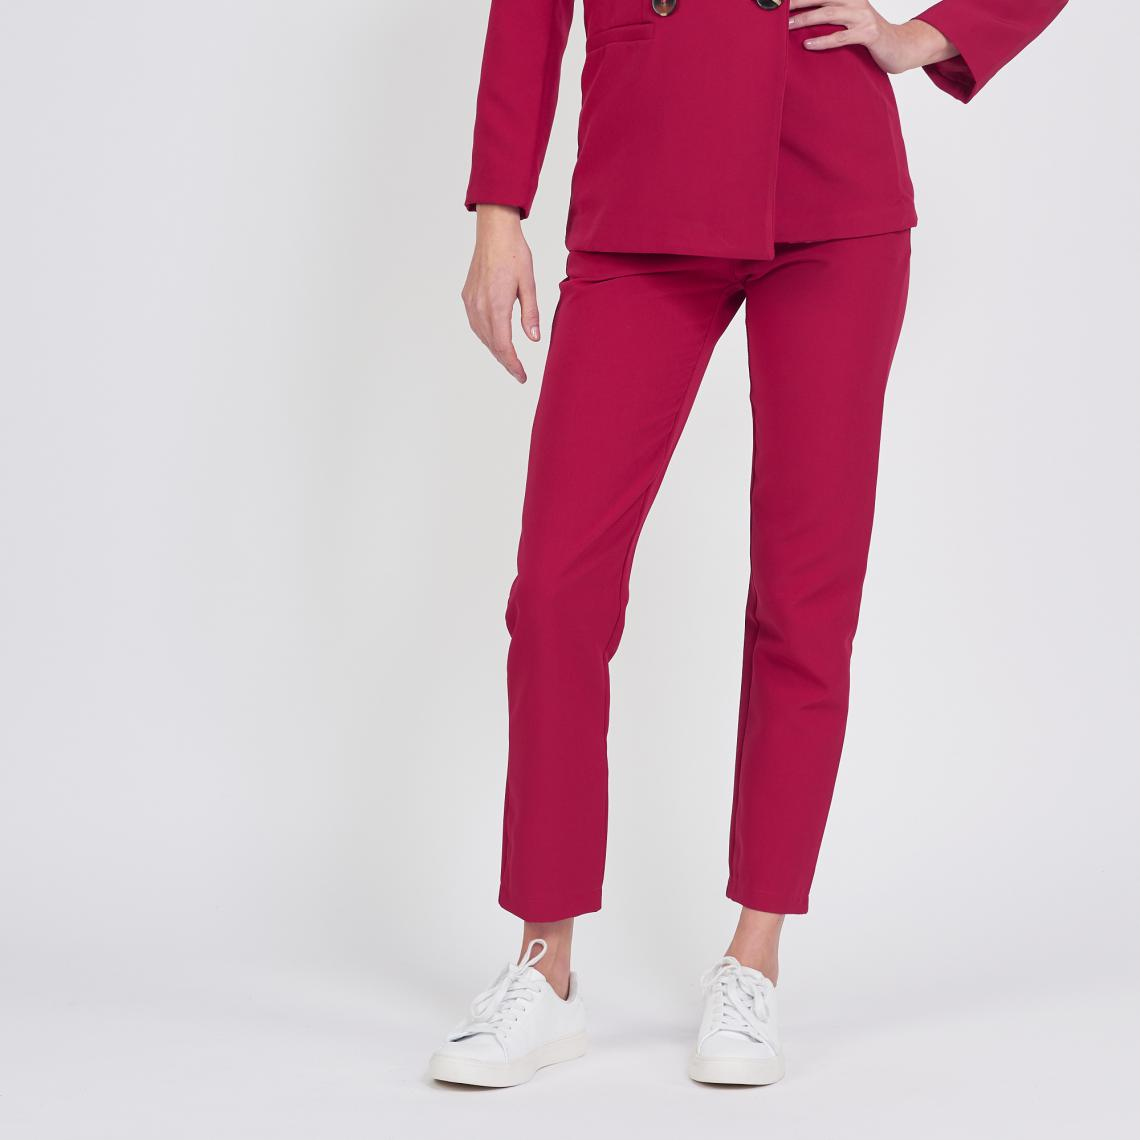 Pantalon tailleur droit rouge Billy   3 SUISSES